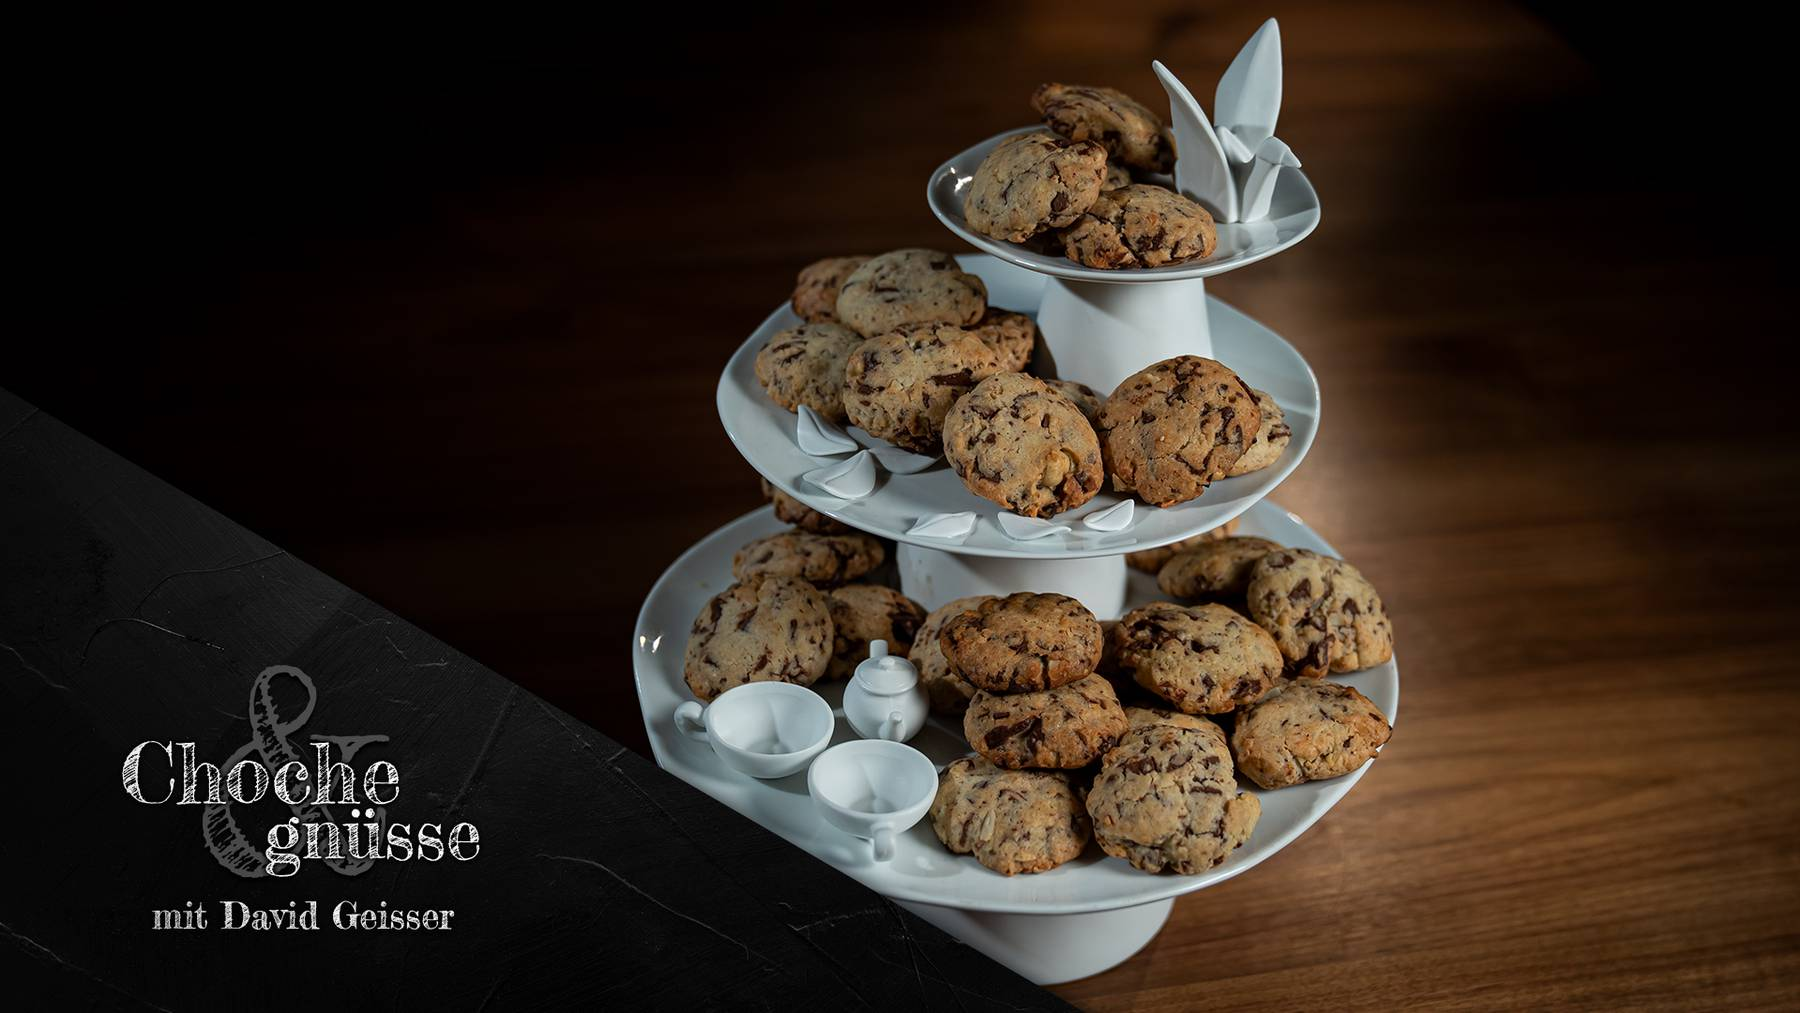 Choche & gnüsse mit David Geisser, Cookies